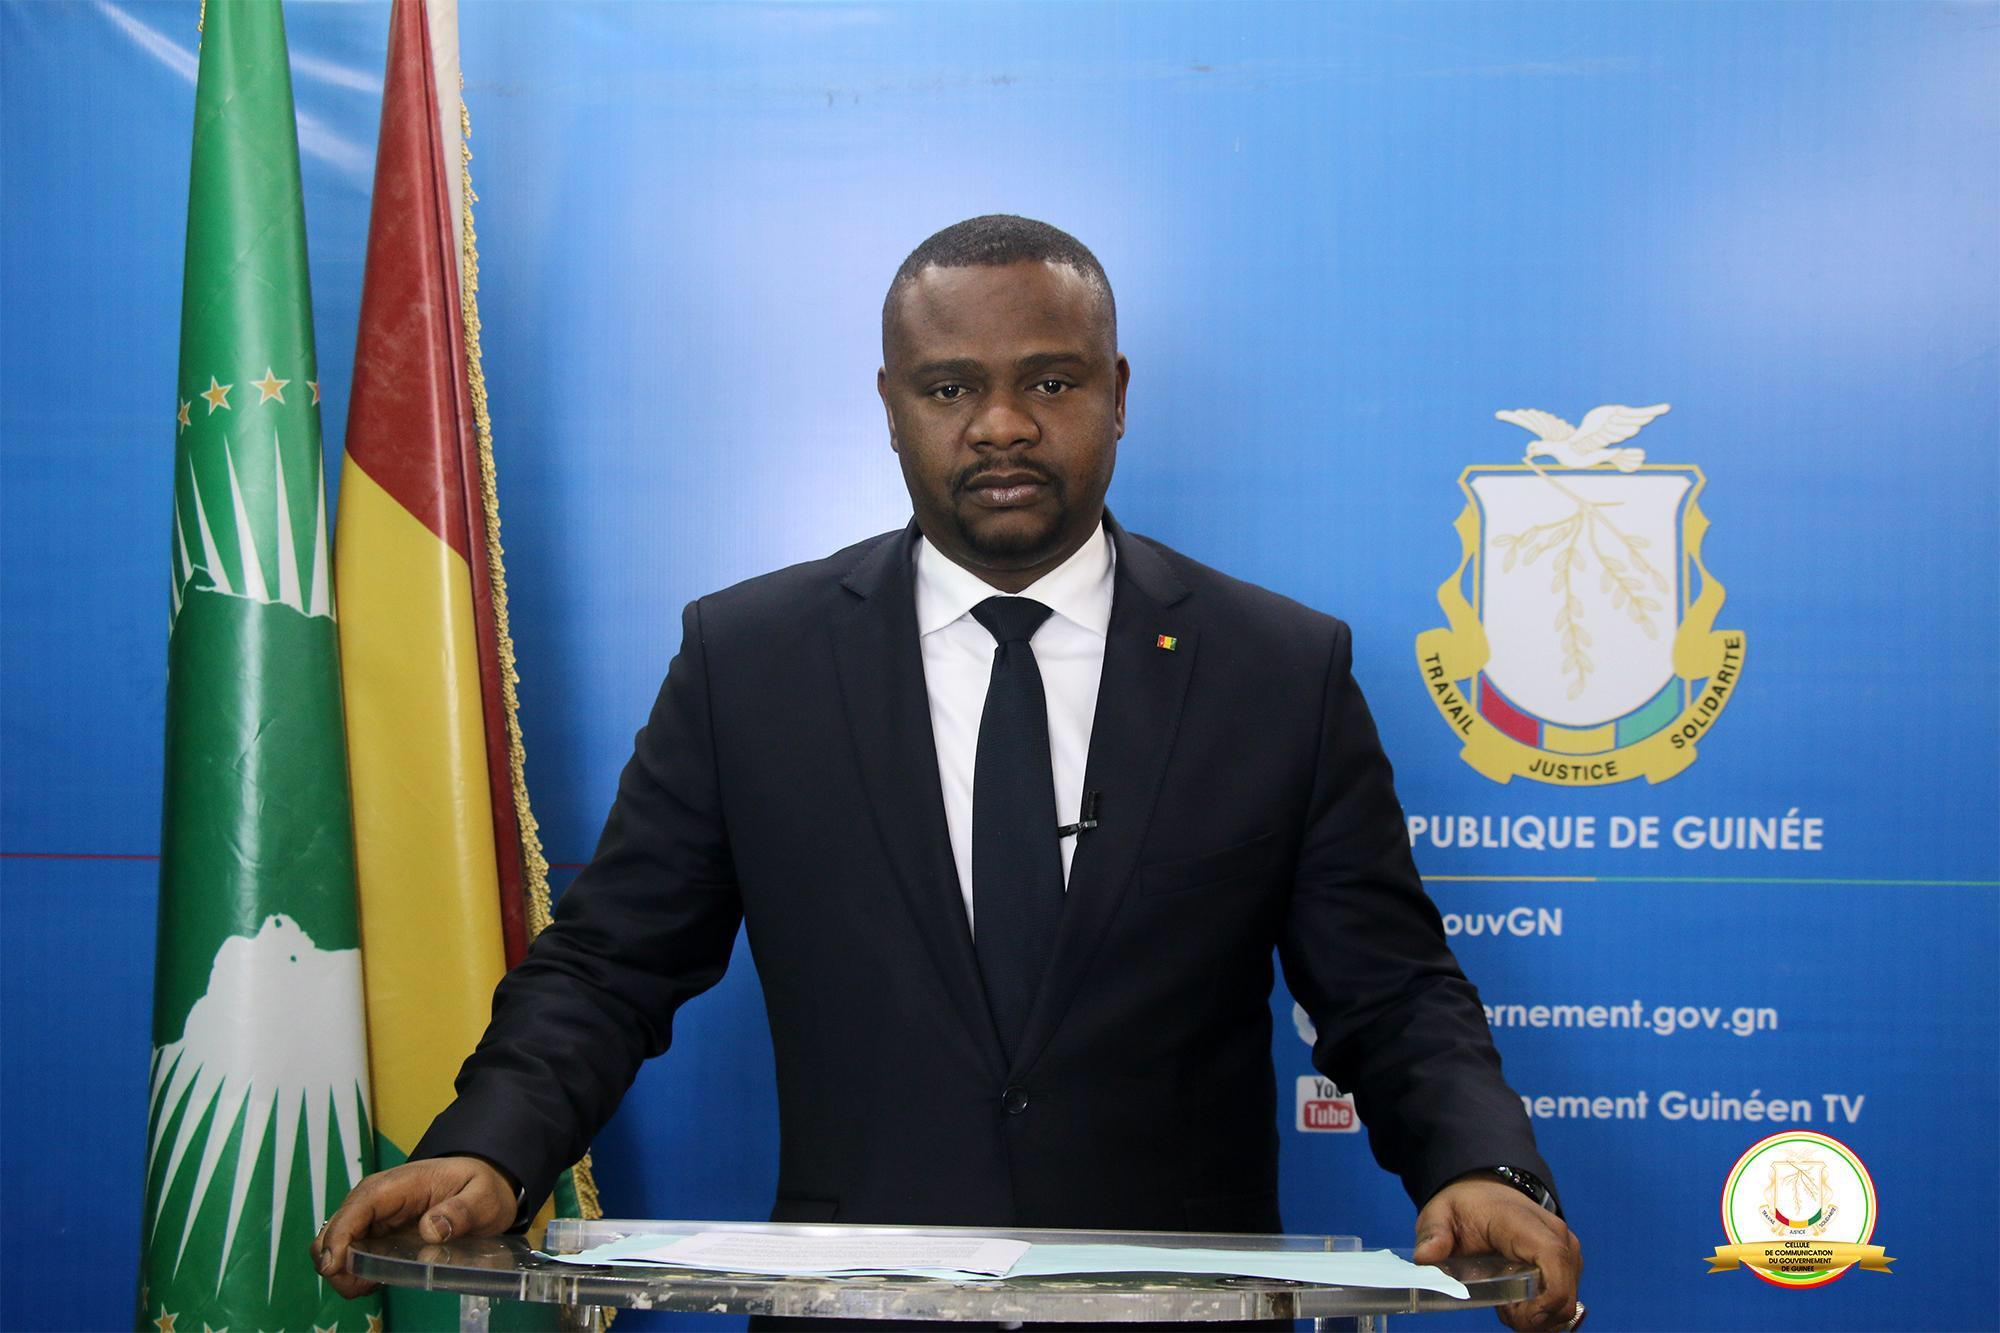 Guinée: compte rendu du conseil des ministres du 24 janvier 2019